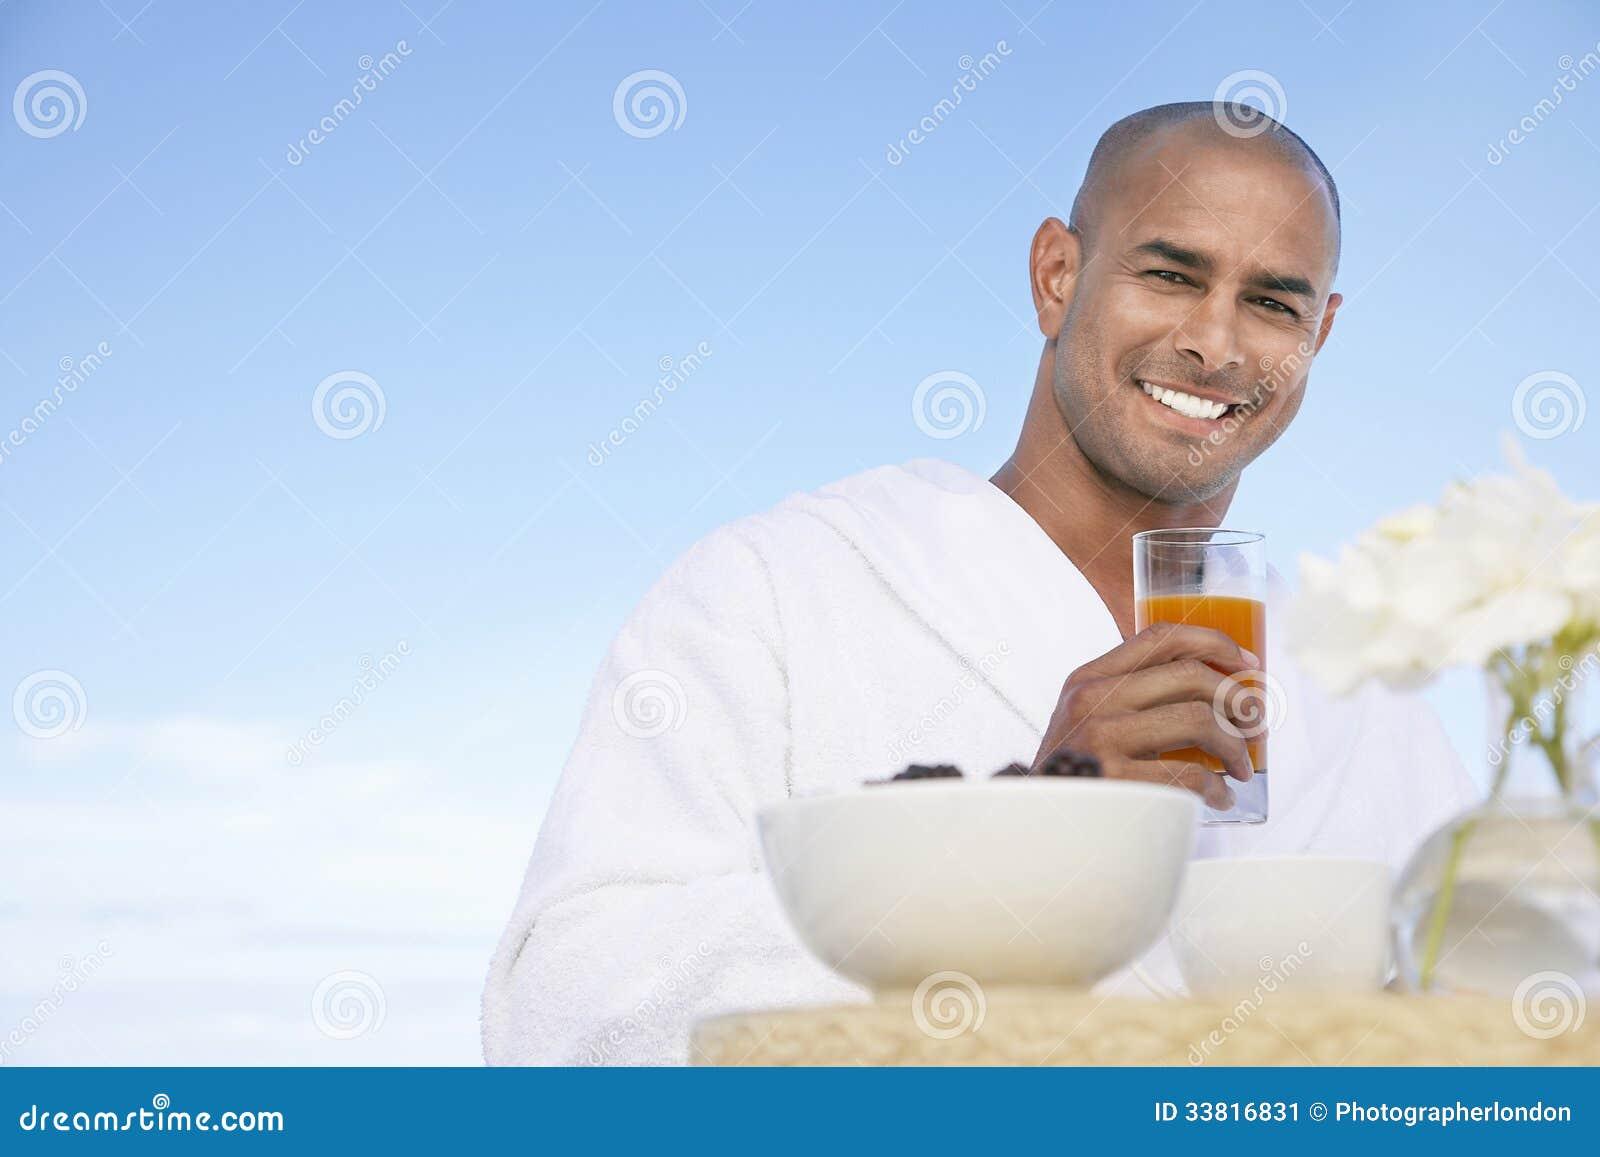 Άτομο στο ποτήρι εκμετάλλευσης μπουρνουζιών του χυμού